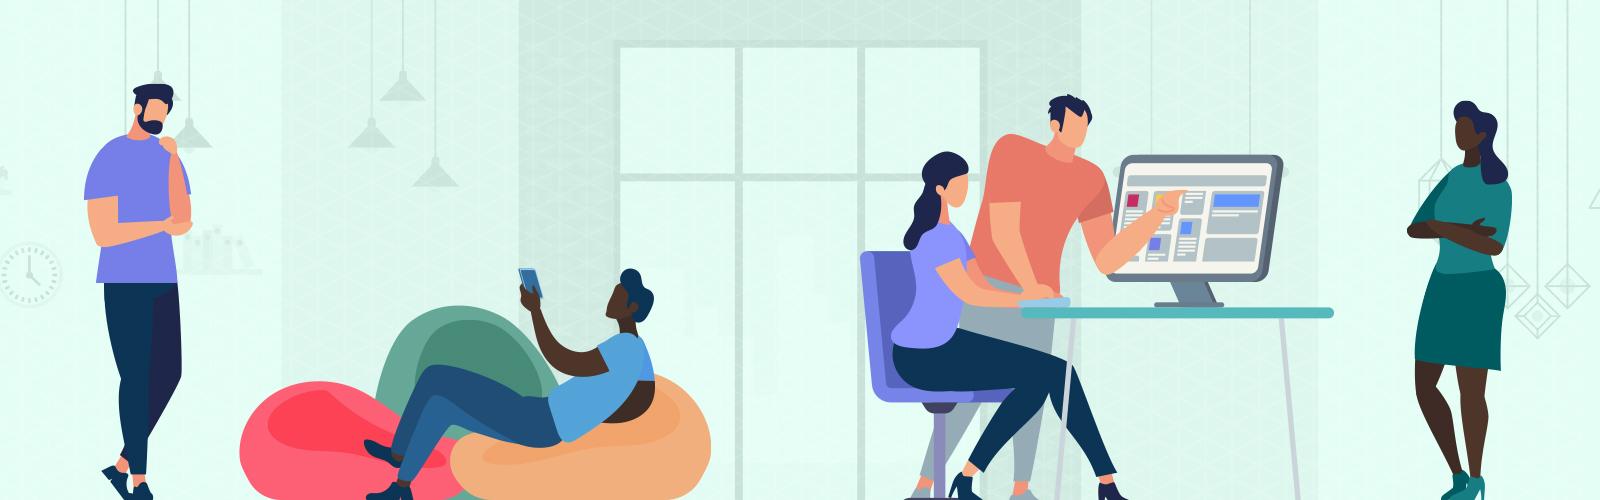 Assim como vimos anteriormente, para garantir um ambiente de trabalho mais produtivo e inovador, as empresas precisam colocar-se como agentes do bem-estar, prezando pela qualidade de vida de seus colaboradores para que assim, eles apresentem melhores resultados.